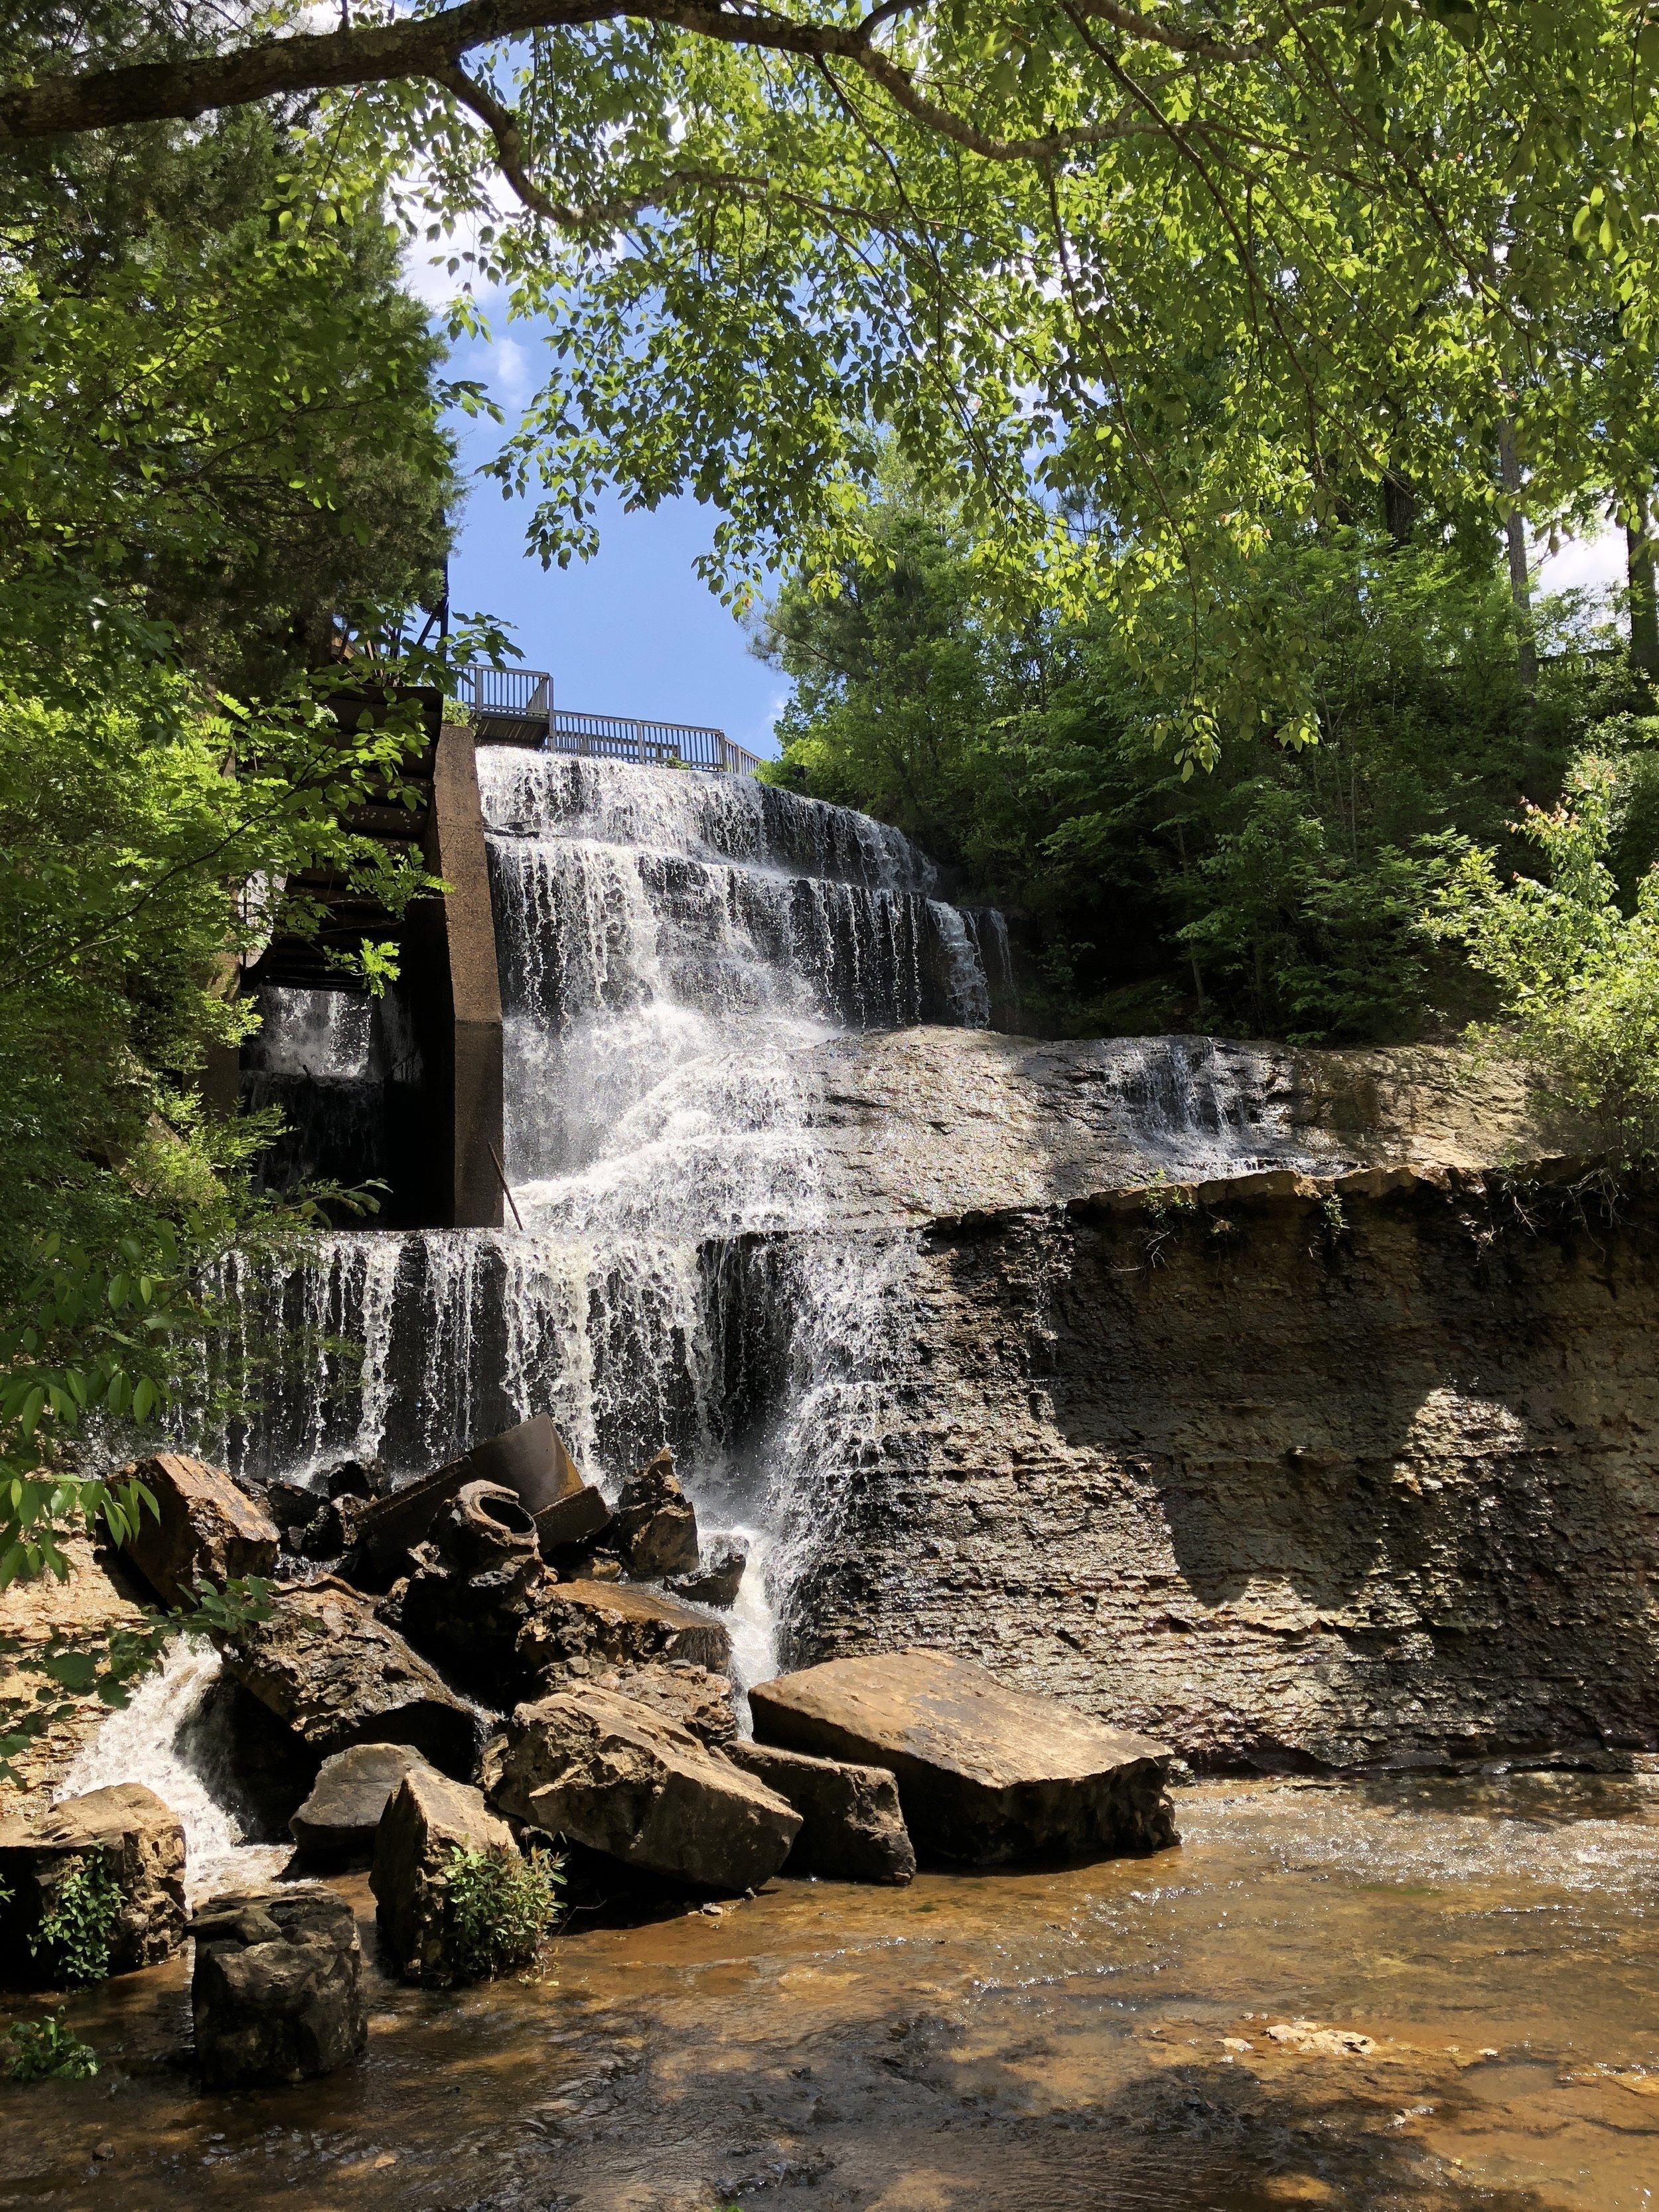 Dunn's Falls